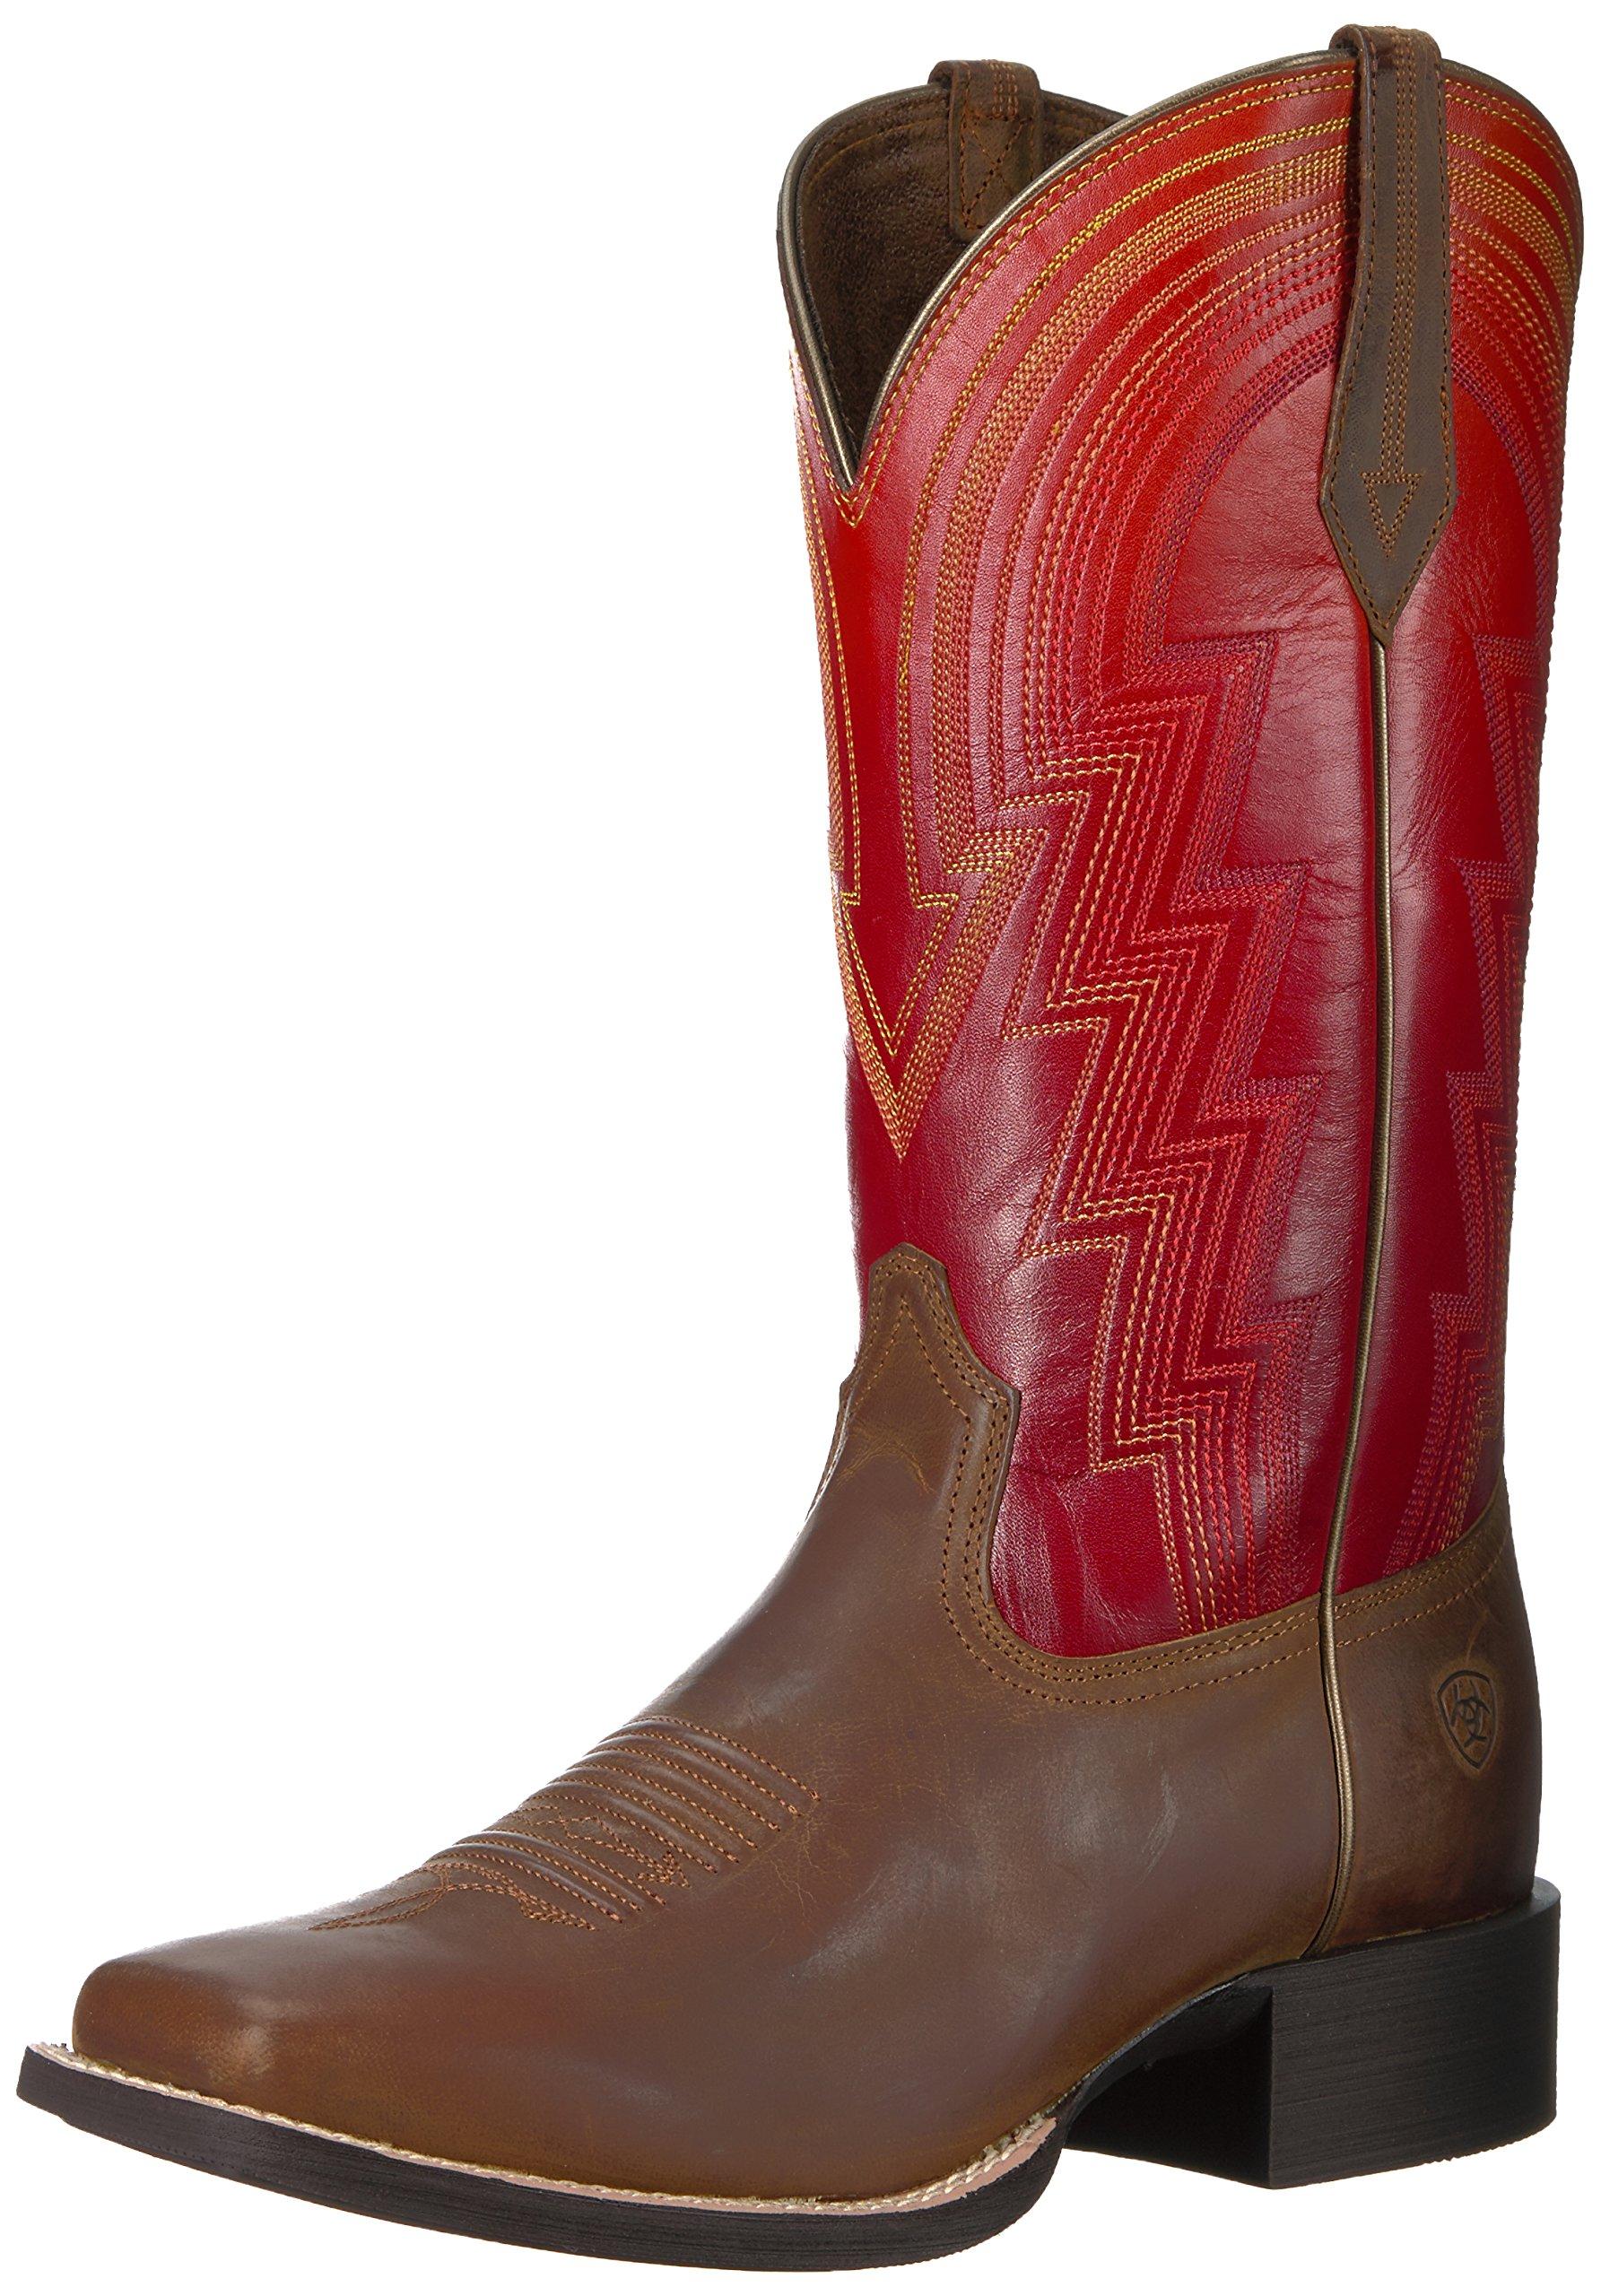 Ariat Women's Round up Waylon Work Boot, Rodeo Tan, 7.5 B US